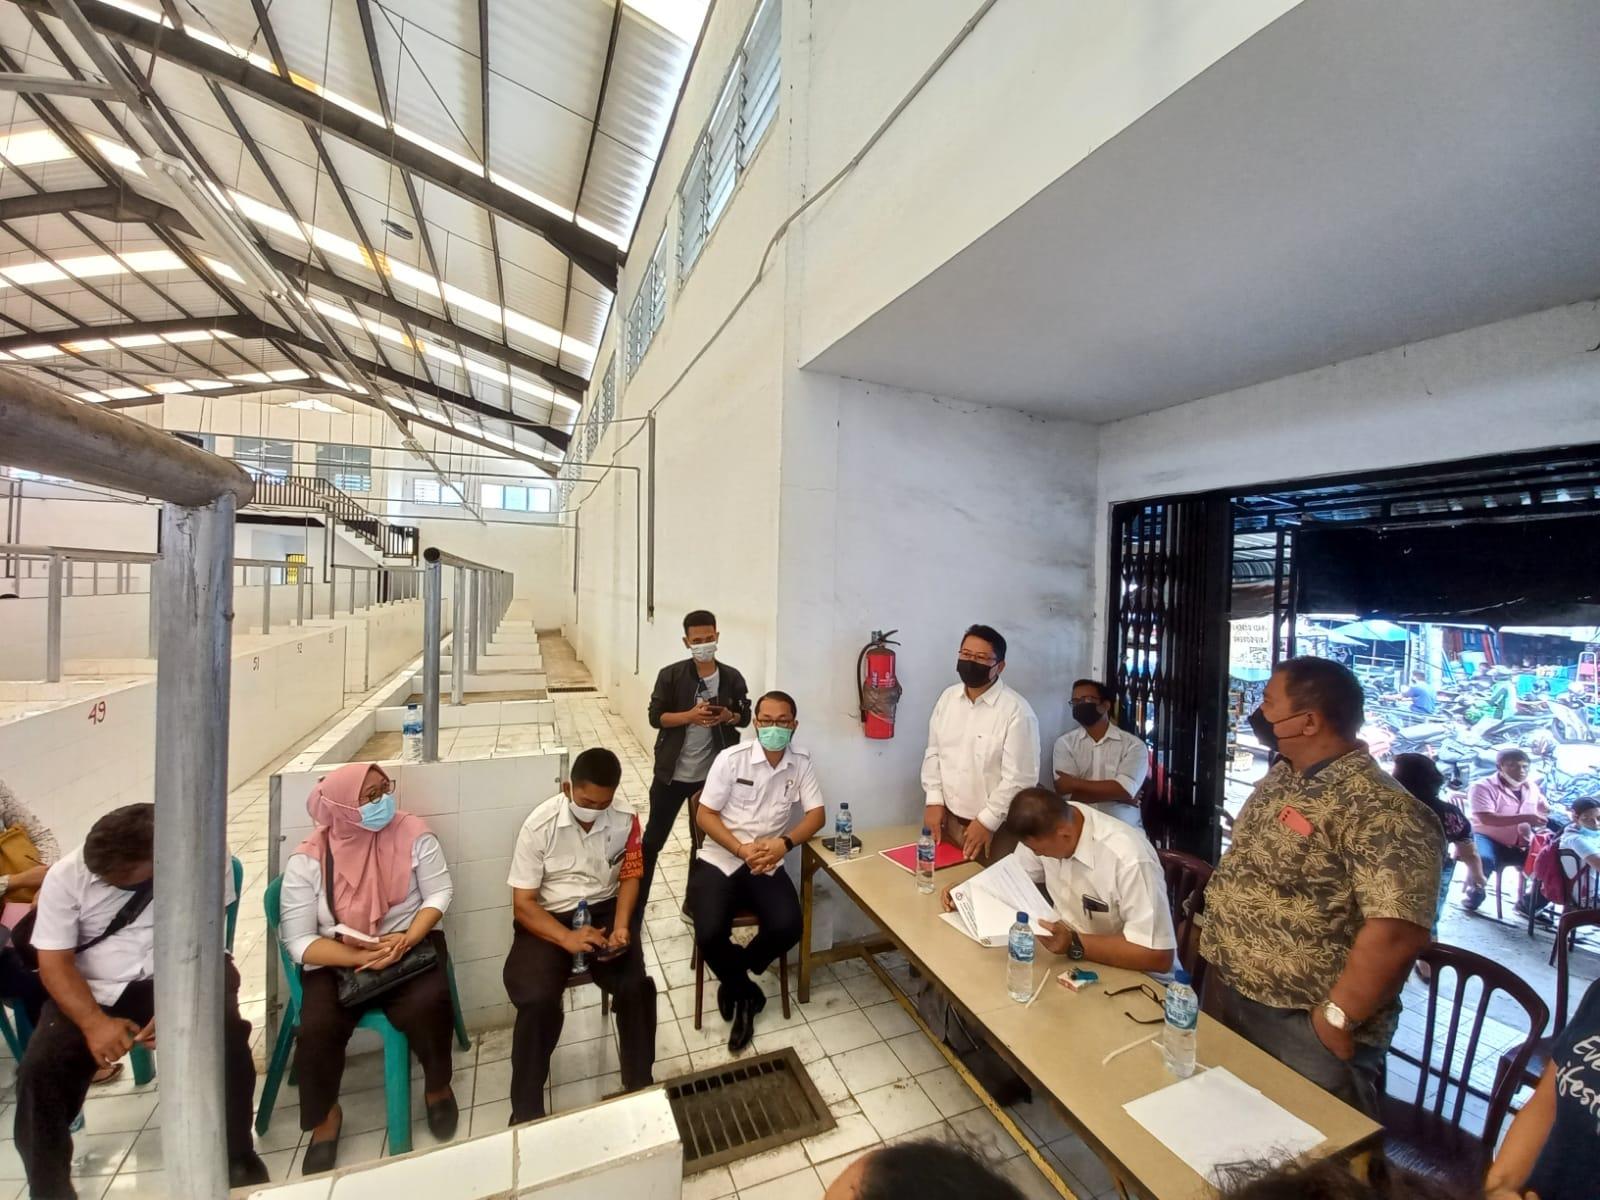 Plt Dirut PD PHJ Kota Pematangsiantar Toga Sehat Sihite (kemeja putih) saat Launching Pasar Rakyat Balairung Rajawali Siantar, Rabu (6/10/2021). FOTO: Matius Gea/Lingkar.co